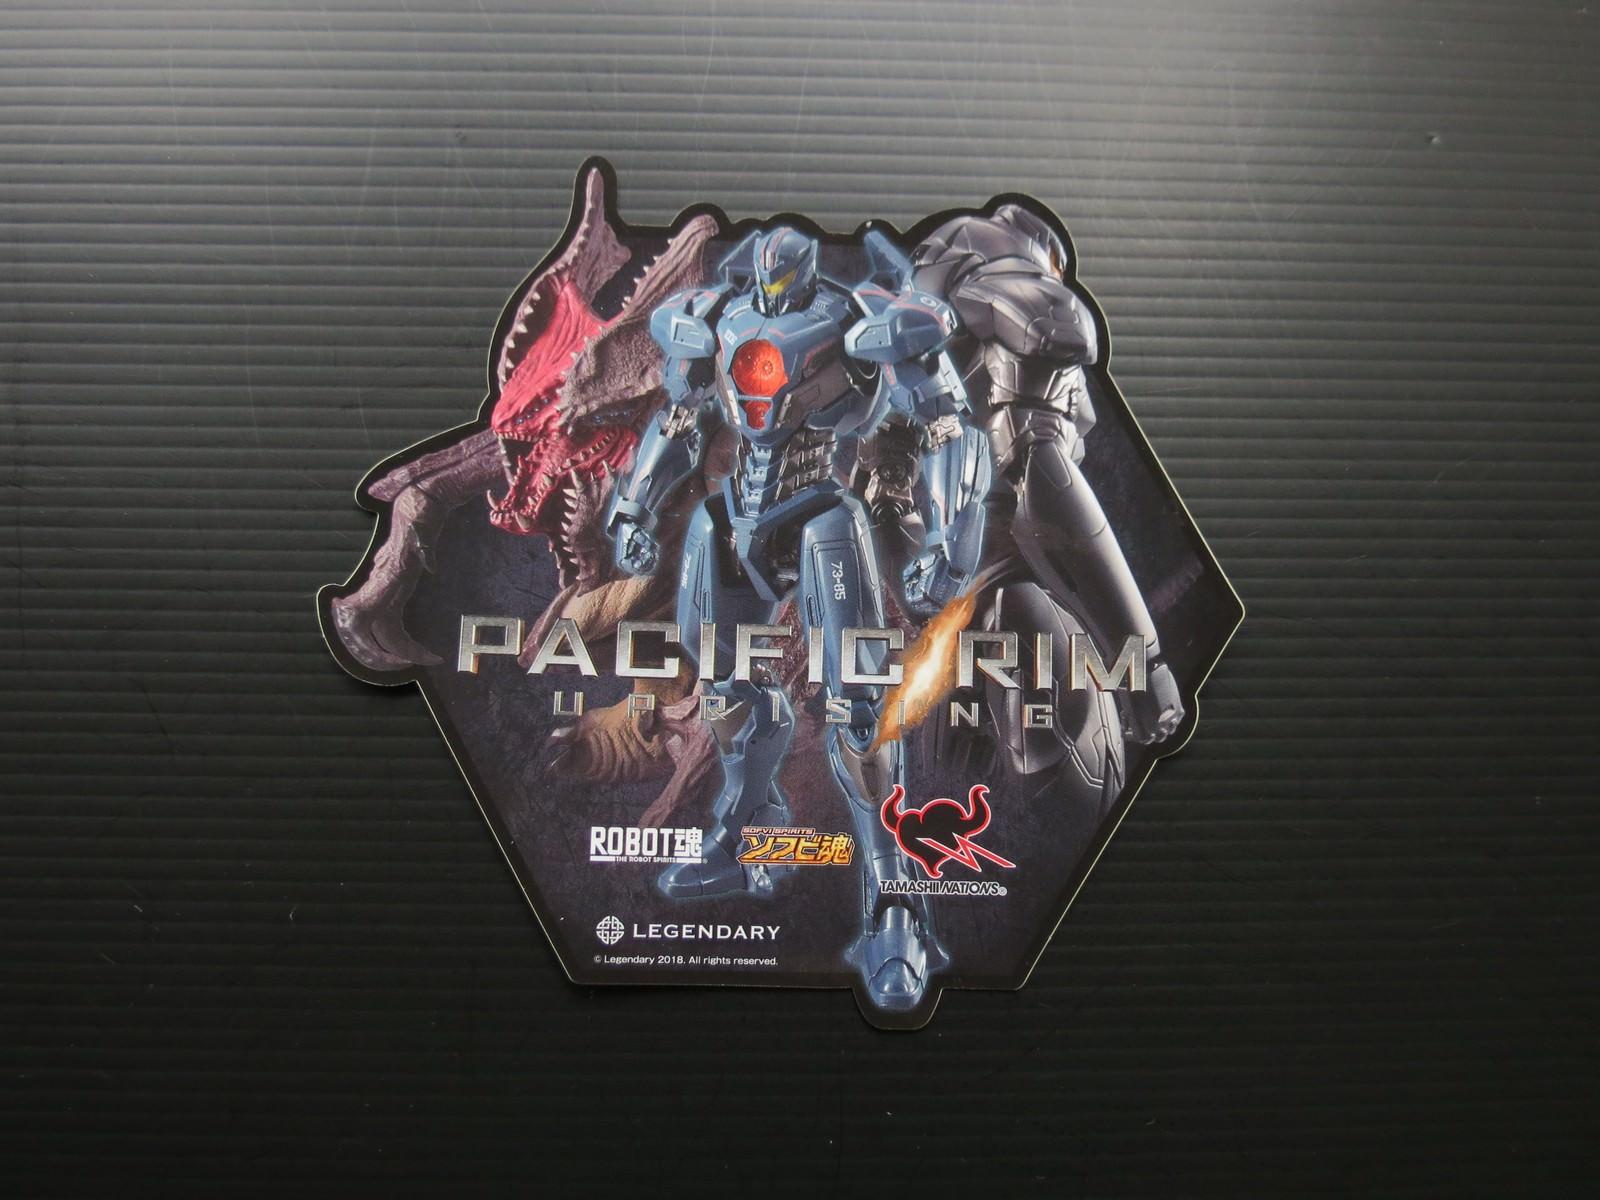 Movie, Pacific Rim: Uprising(美國) / 環太平洋2:起義時刻(台) / 环太平洋:雷霆再起(中) / 悍戰太平洋2:起義時空(港), 周邊商品, 貼紙